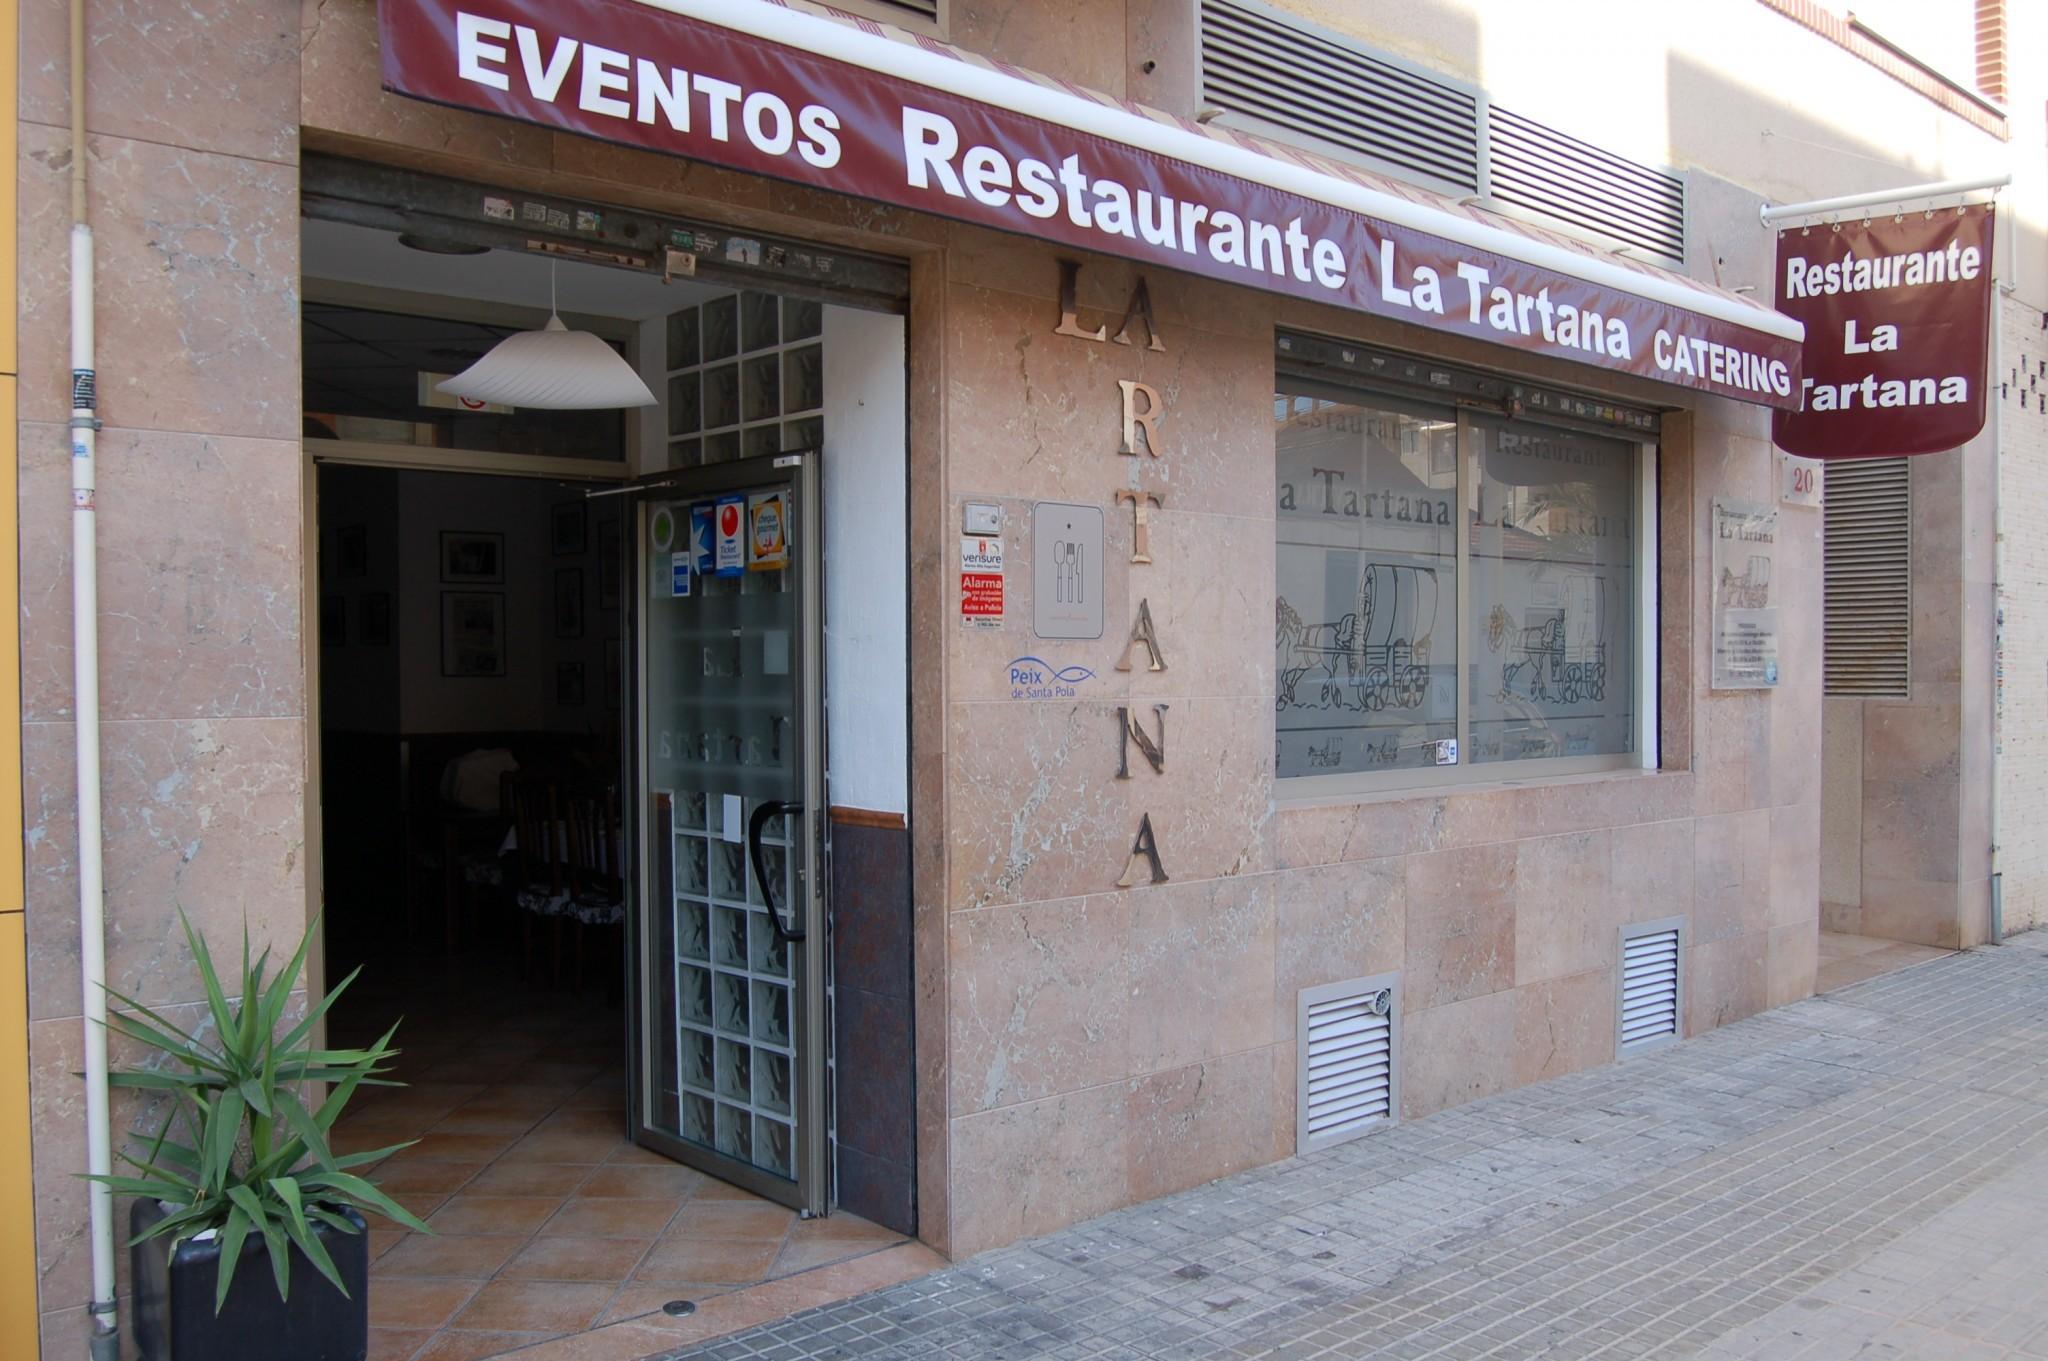 La Tartana